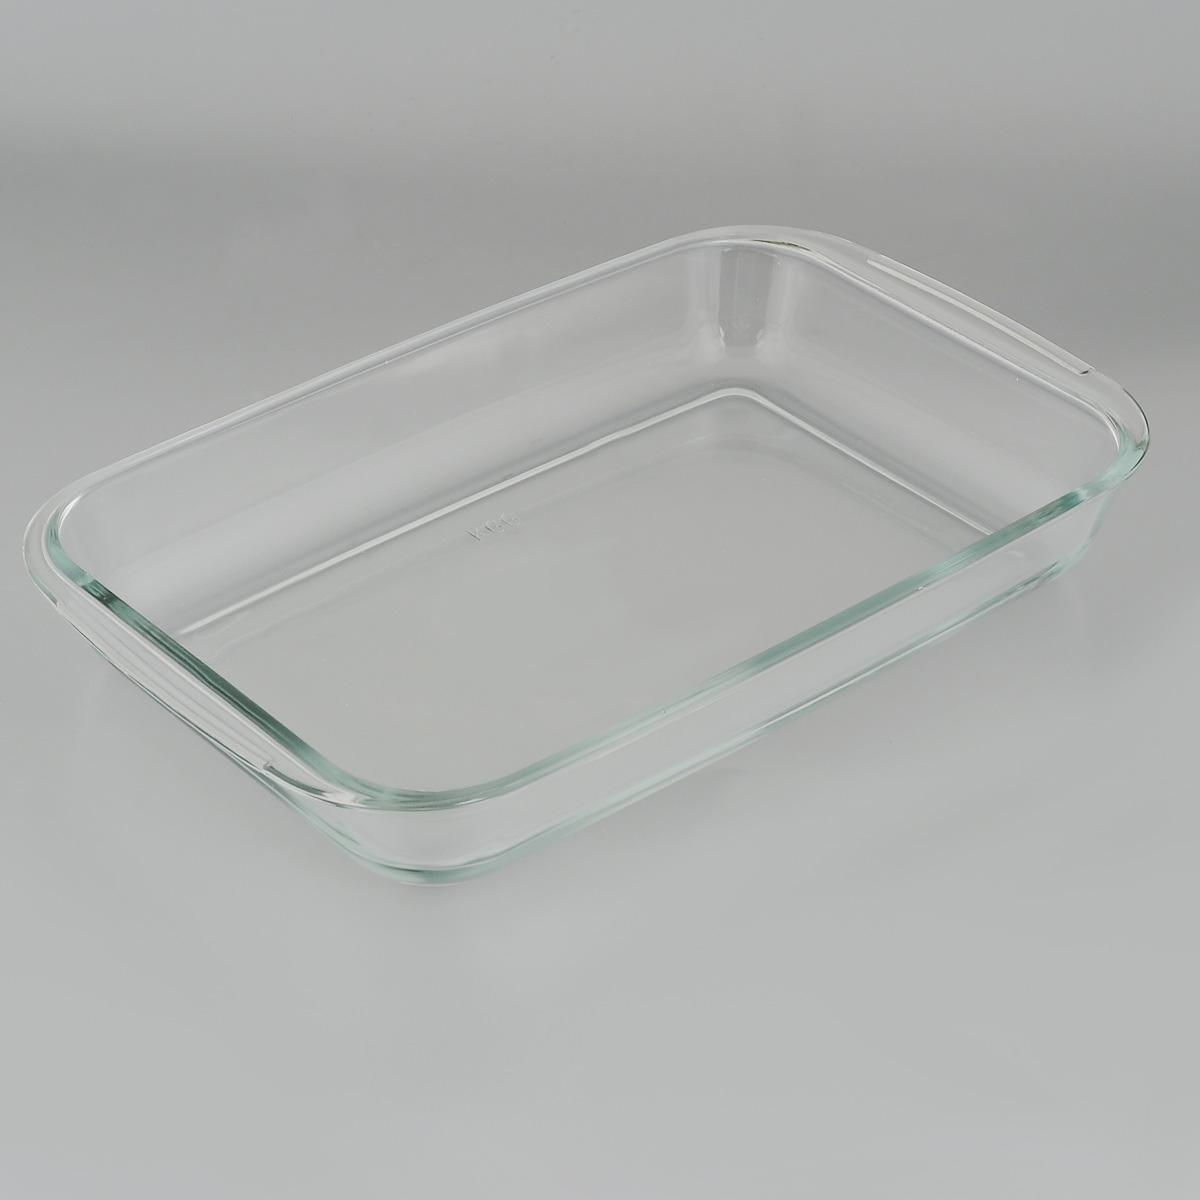 Форма для запекания Едим Дома, прямоугольная, 34 см х 21 смPV5Прямоугольная форма для запекания Едим Дома изготовлена из жаропрочного стекла, которое выдерживает температуру до +450°С. Форма предназначена для приготовления горячих блюд. Оснащена двумя ручками. Материал изделия гигиеничен, прост в уходе и обладает высокой степенью прочности. Форма идеально подходит для использования в духовках, микроволновых печах, холодильниках и морозильных камерах. Также ее можно использовать на газовых плитах (на слабом огне) и на электроплитах. Можно мыть в посудомоечной машине.Внутренний размер формы: 30,5 см х 21 см.Внешний размер формы (с учетом ручек): 34 см х 21 см. Высота стенки формы: 5 см.